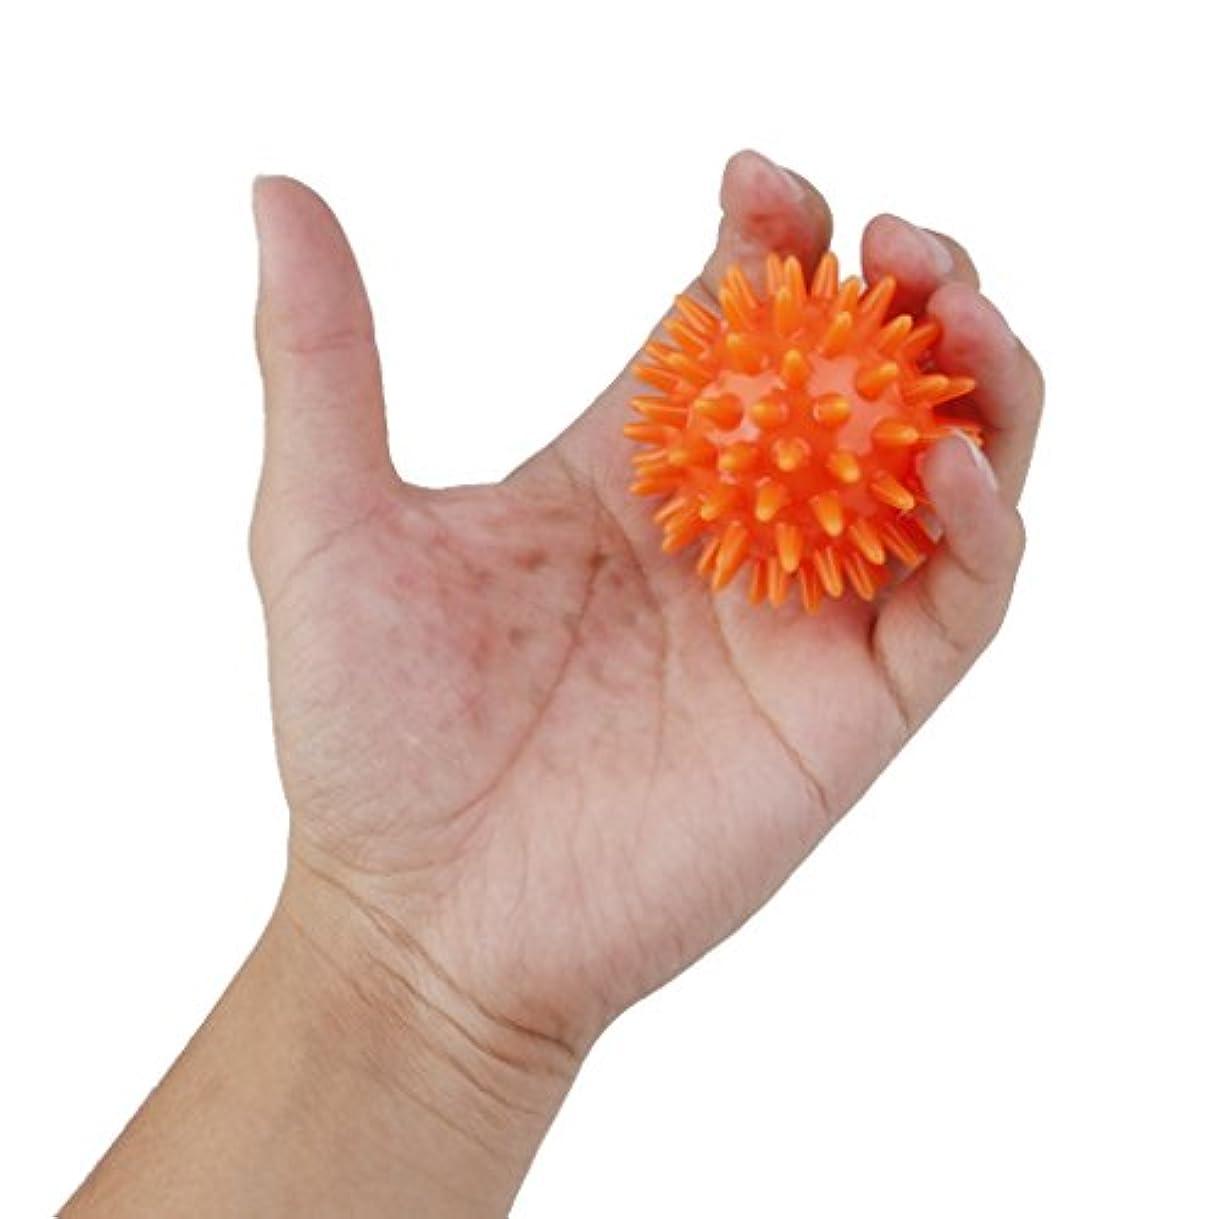 お尻山授業料マッサージボール 手のひら 足 腕 首 背中 足首 ダーク フック側 マッサージ 疲れ 緩和 オレンジ